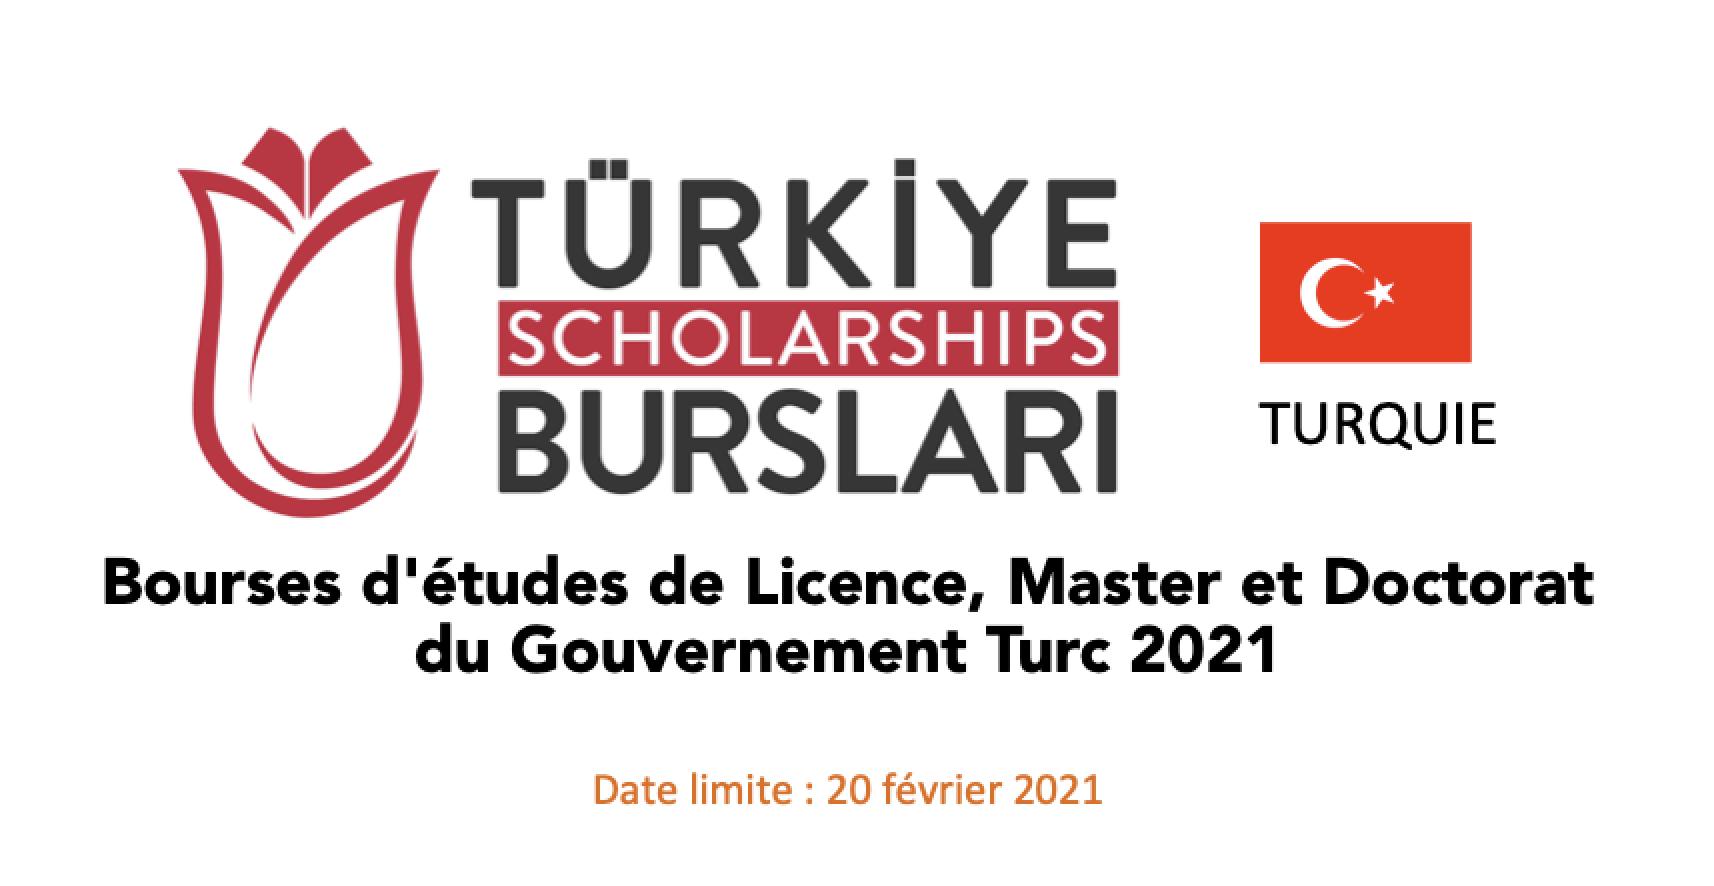 Bourses d'études de Licence, Master et Doctorat du Gouvernement Turc 2021